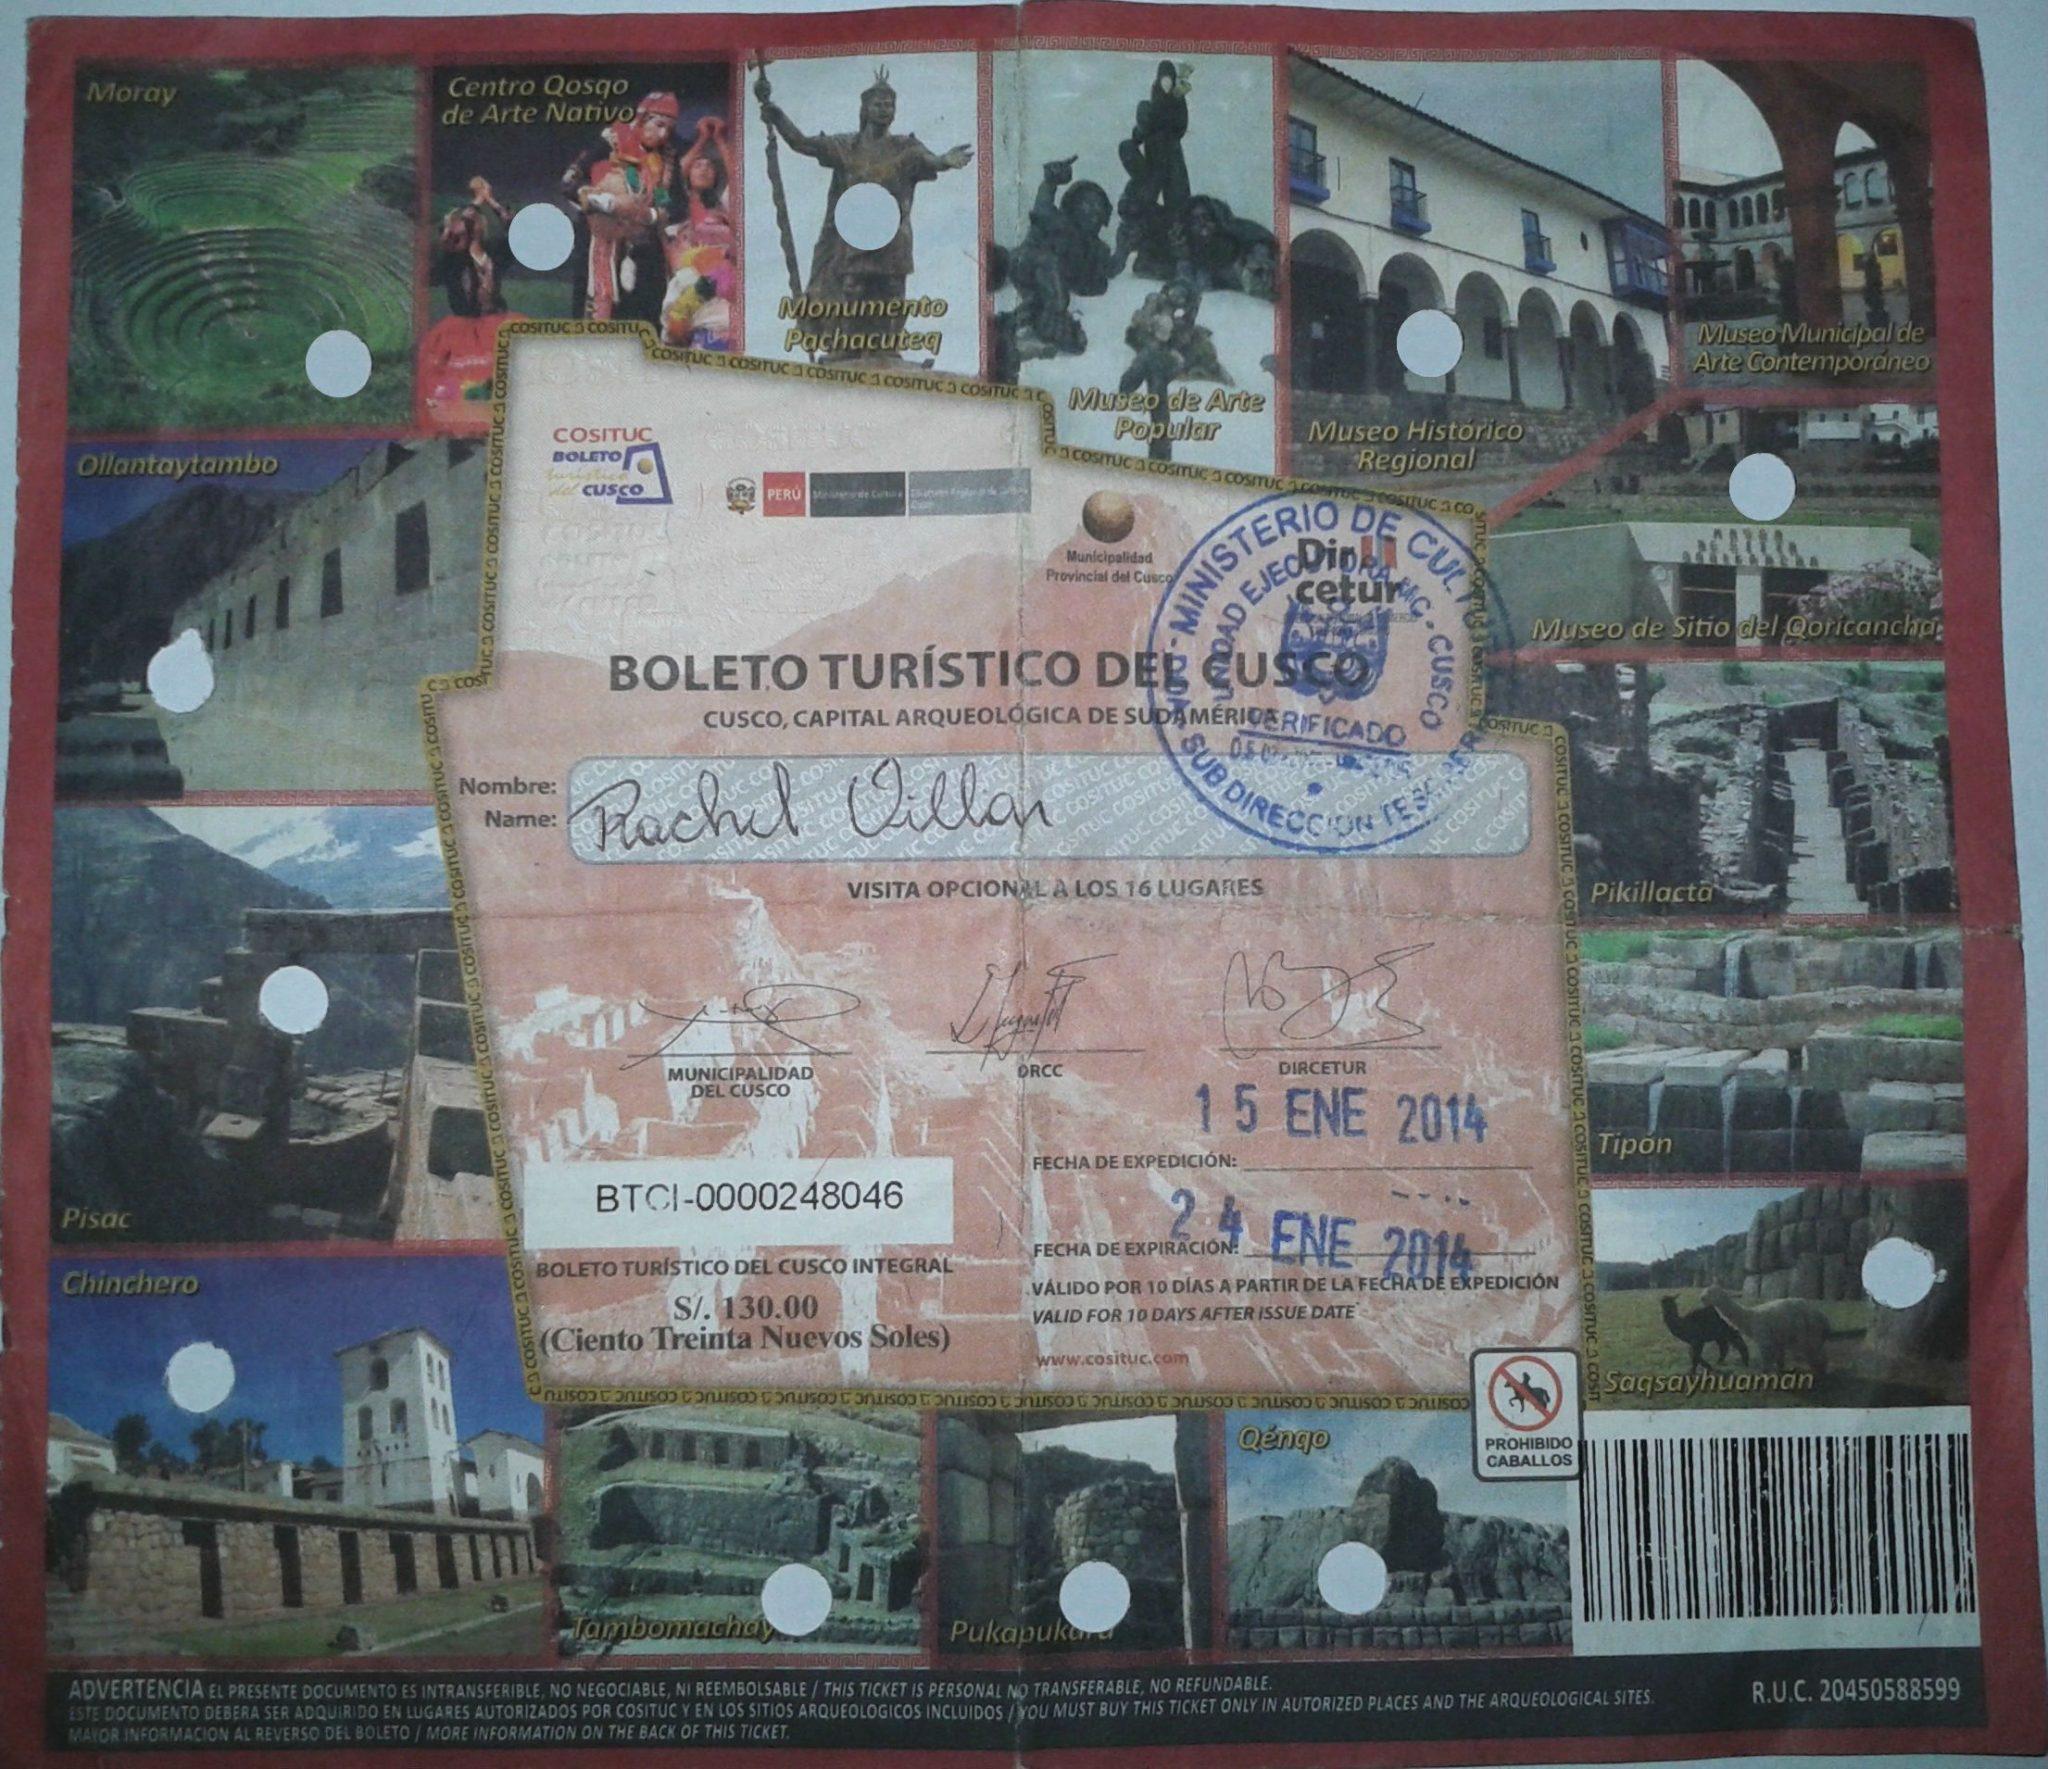 Boleto Turístico de Cusco, onde comprar 2